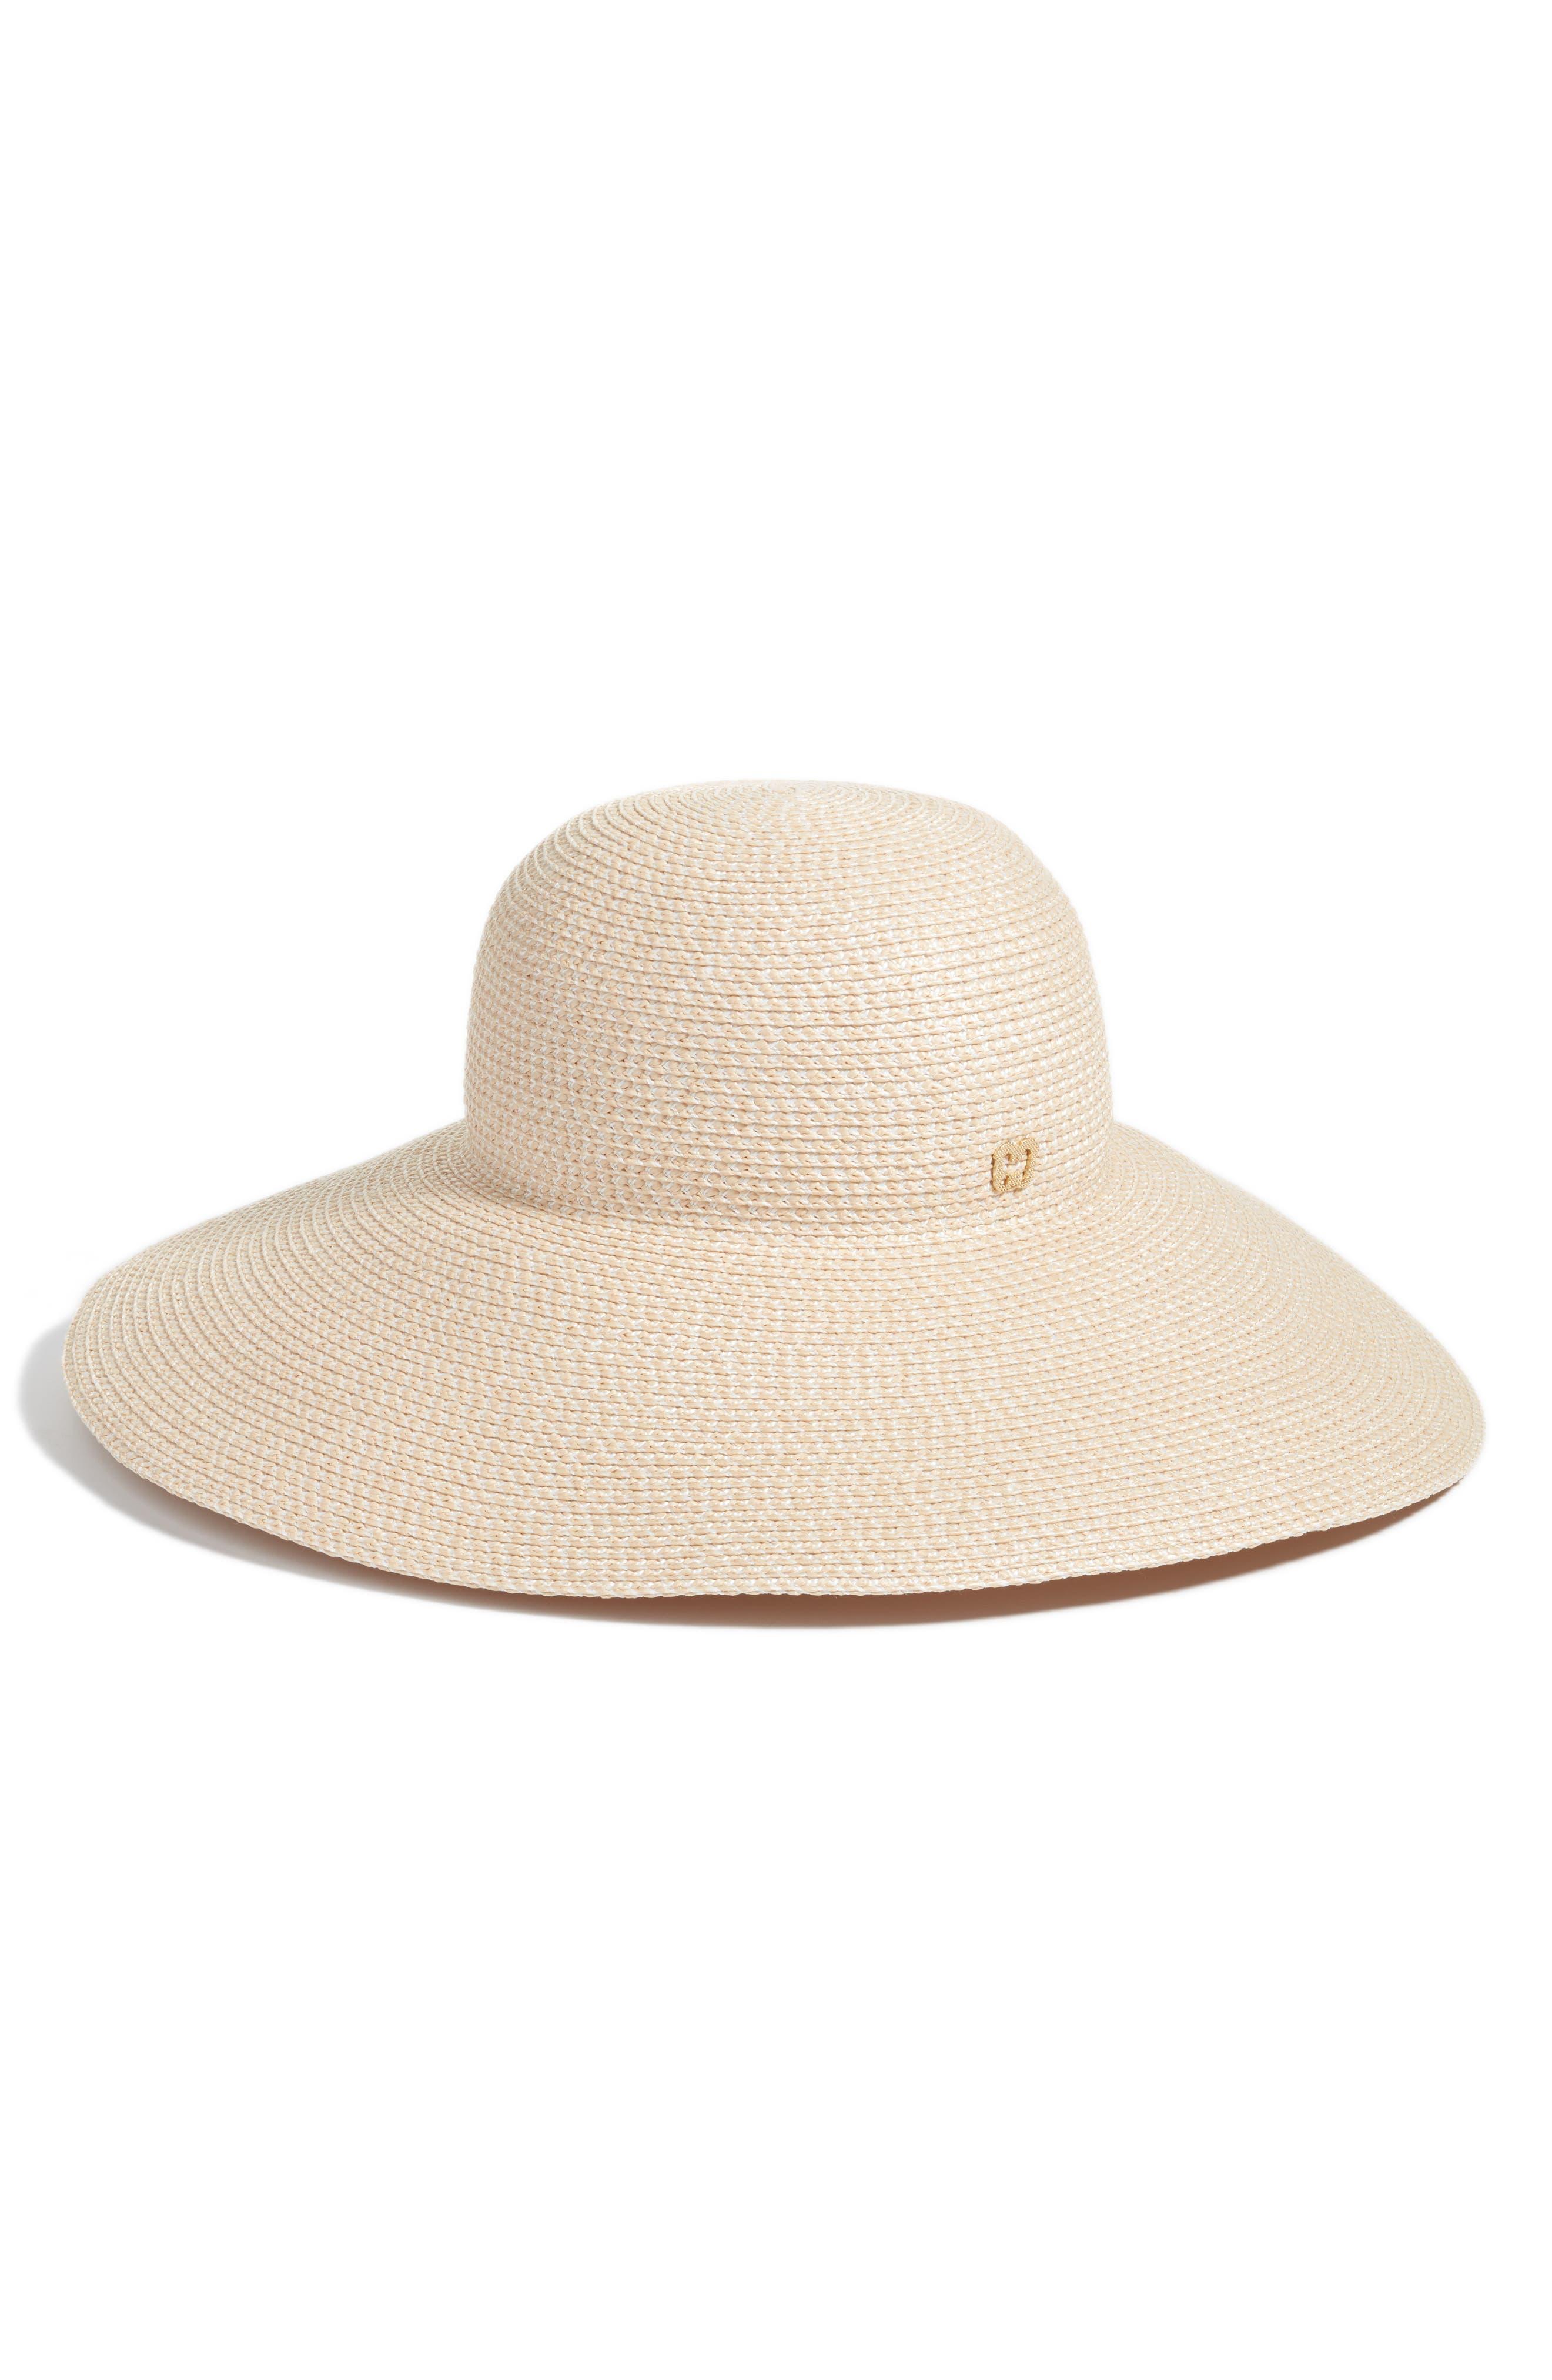 Alternate Image 1 Selected - Eric Javits Bella Squishee® Sun Hat